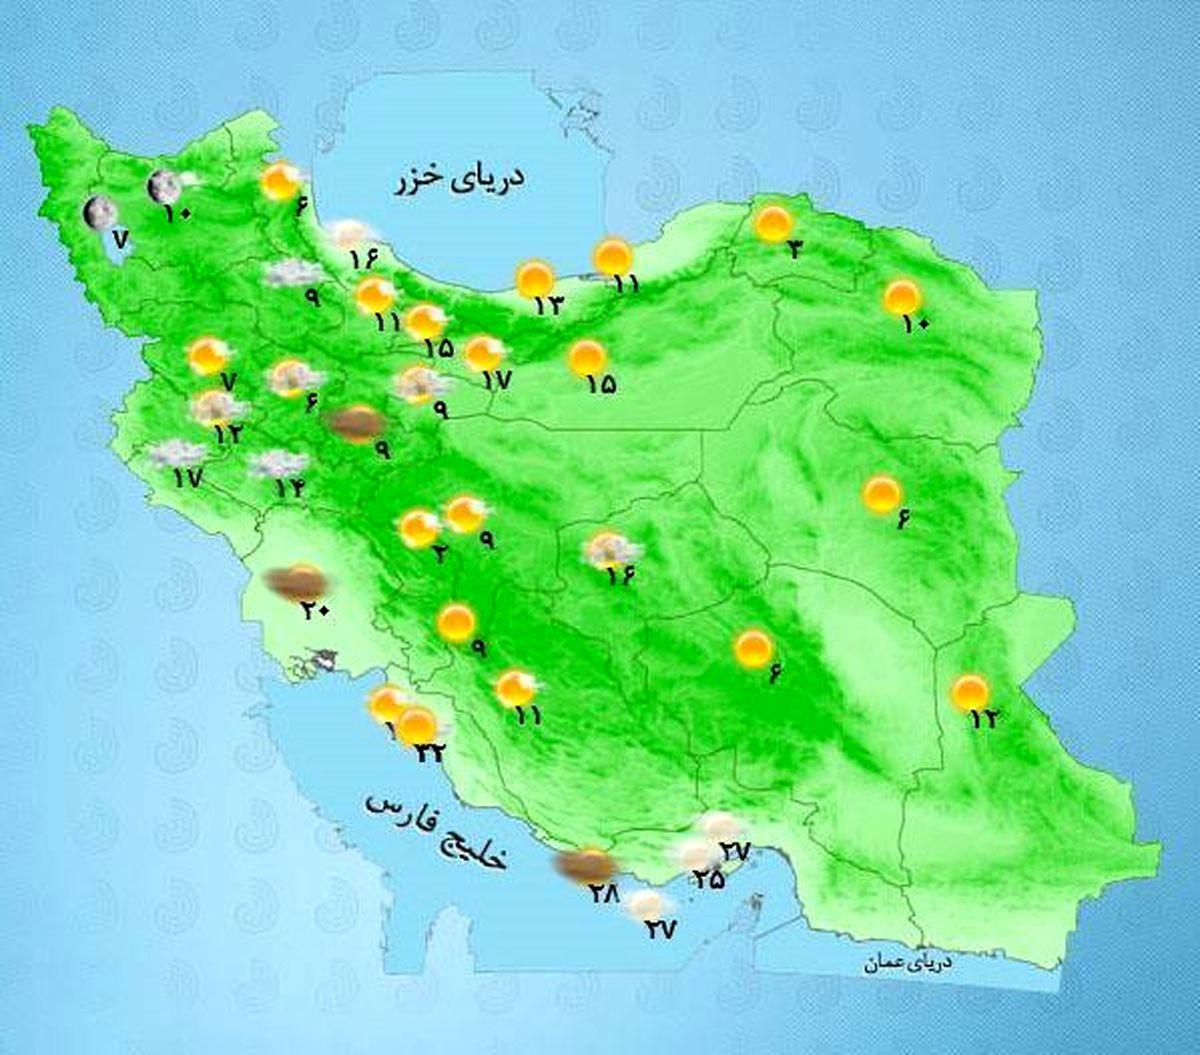 ورود سامانه بارشی جدید از غرب و شمال غرب کشور از فردا